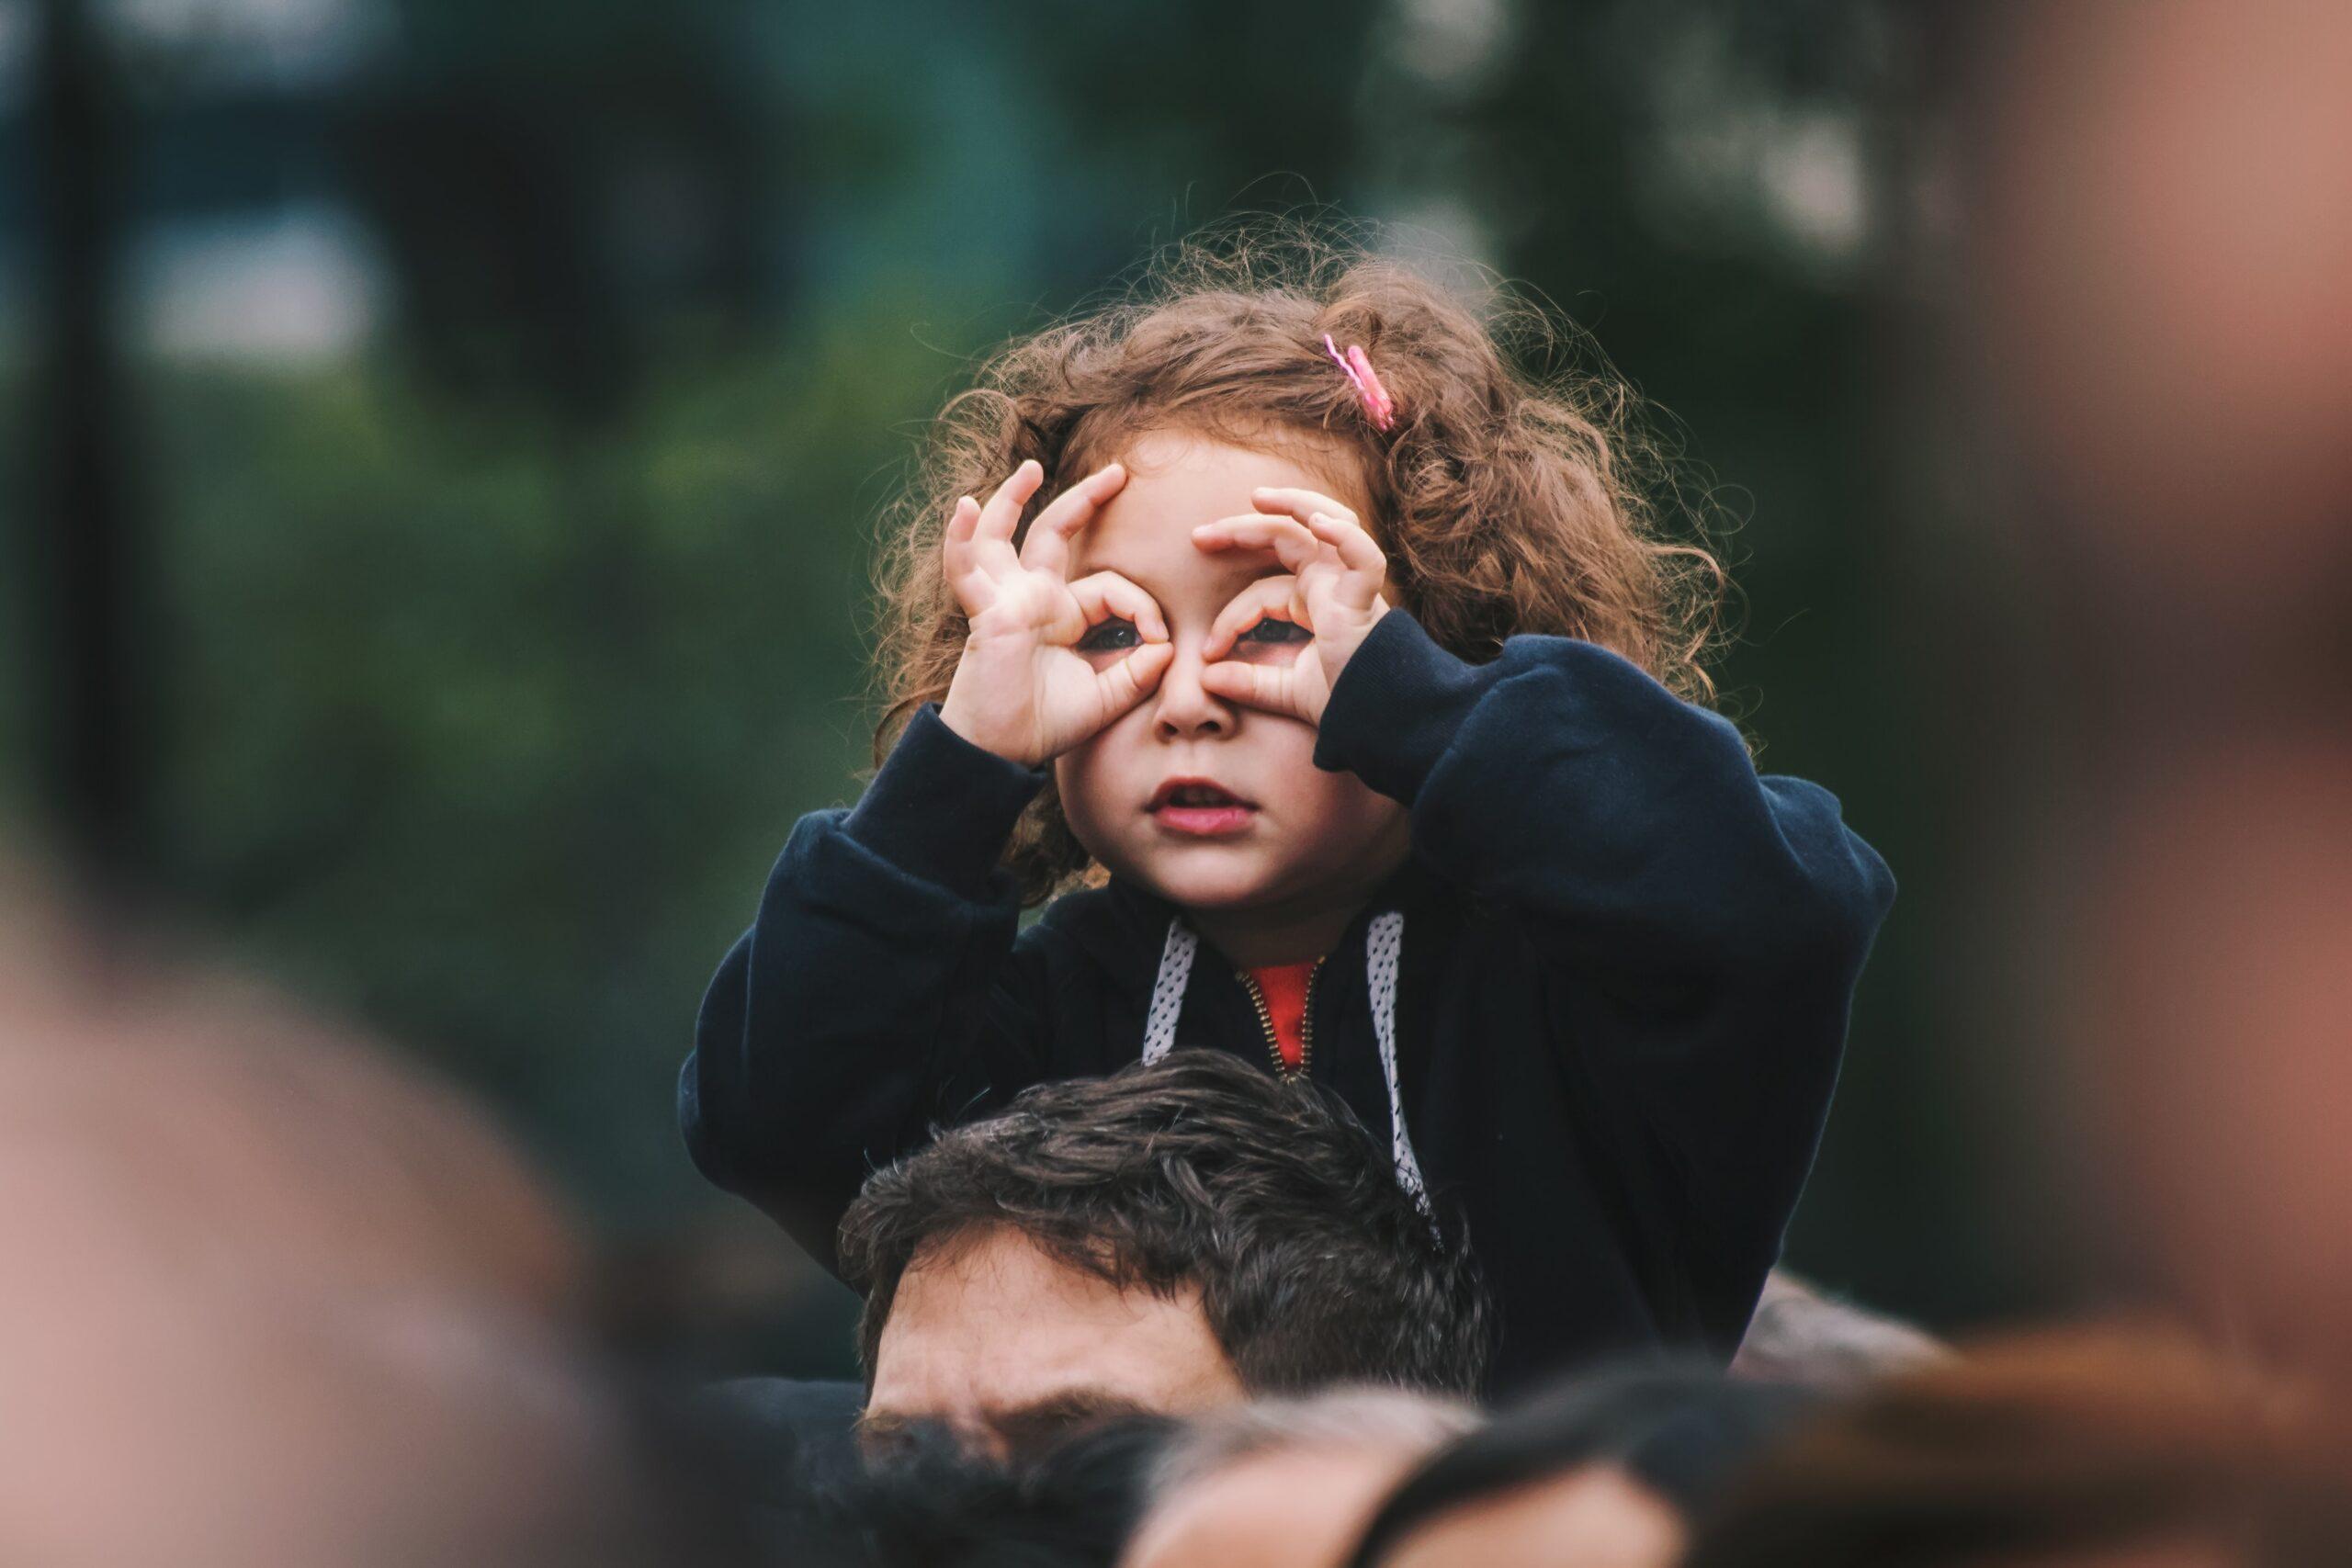 抗議、暴亂…如何和孩子講述和溝通這些問題?避而不談實非上策,正確溝通才能積極引導